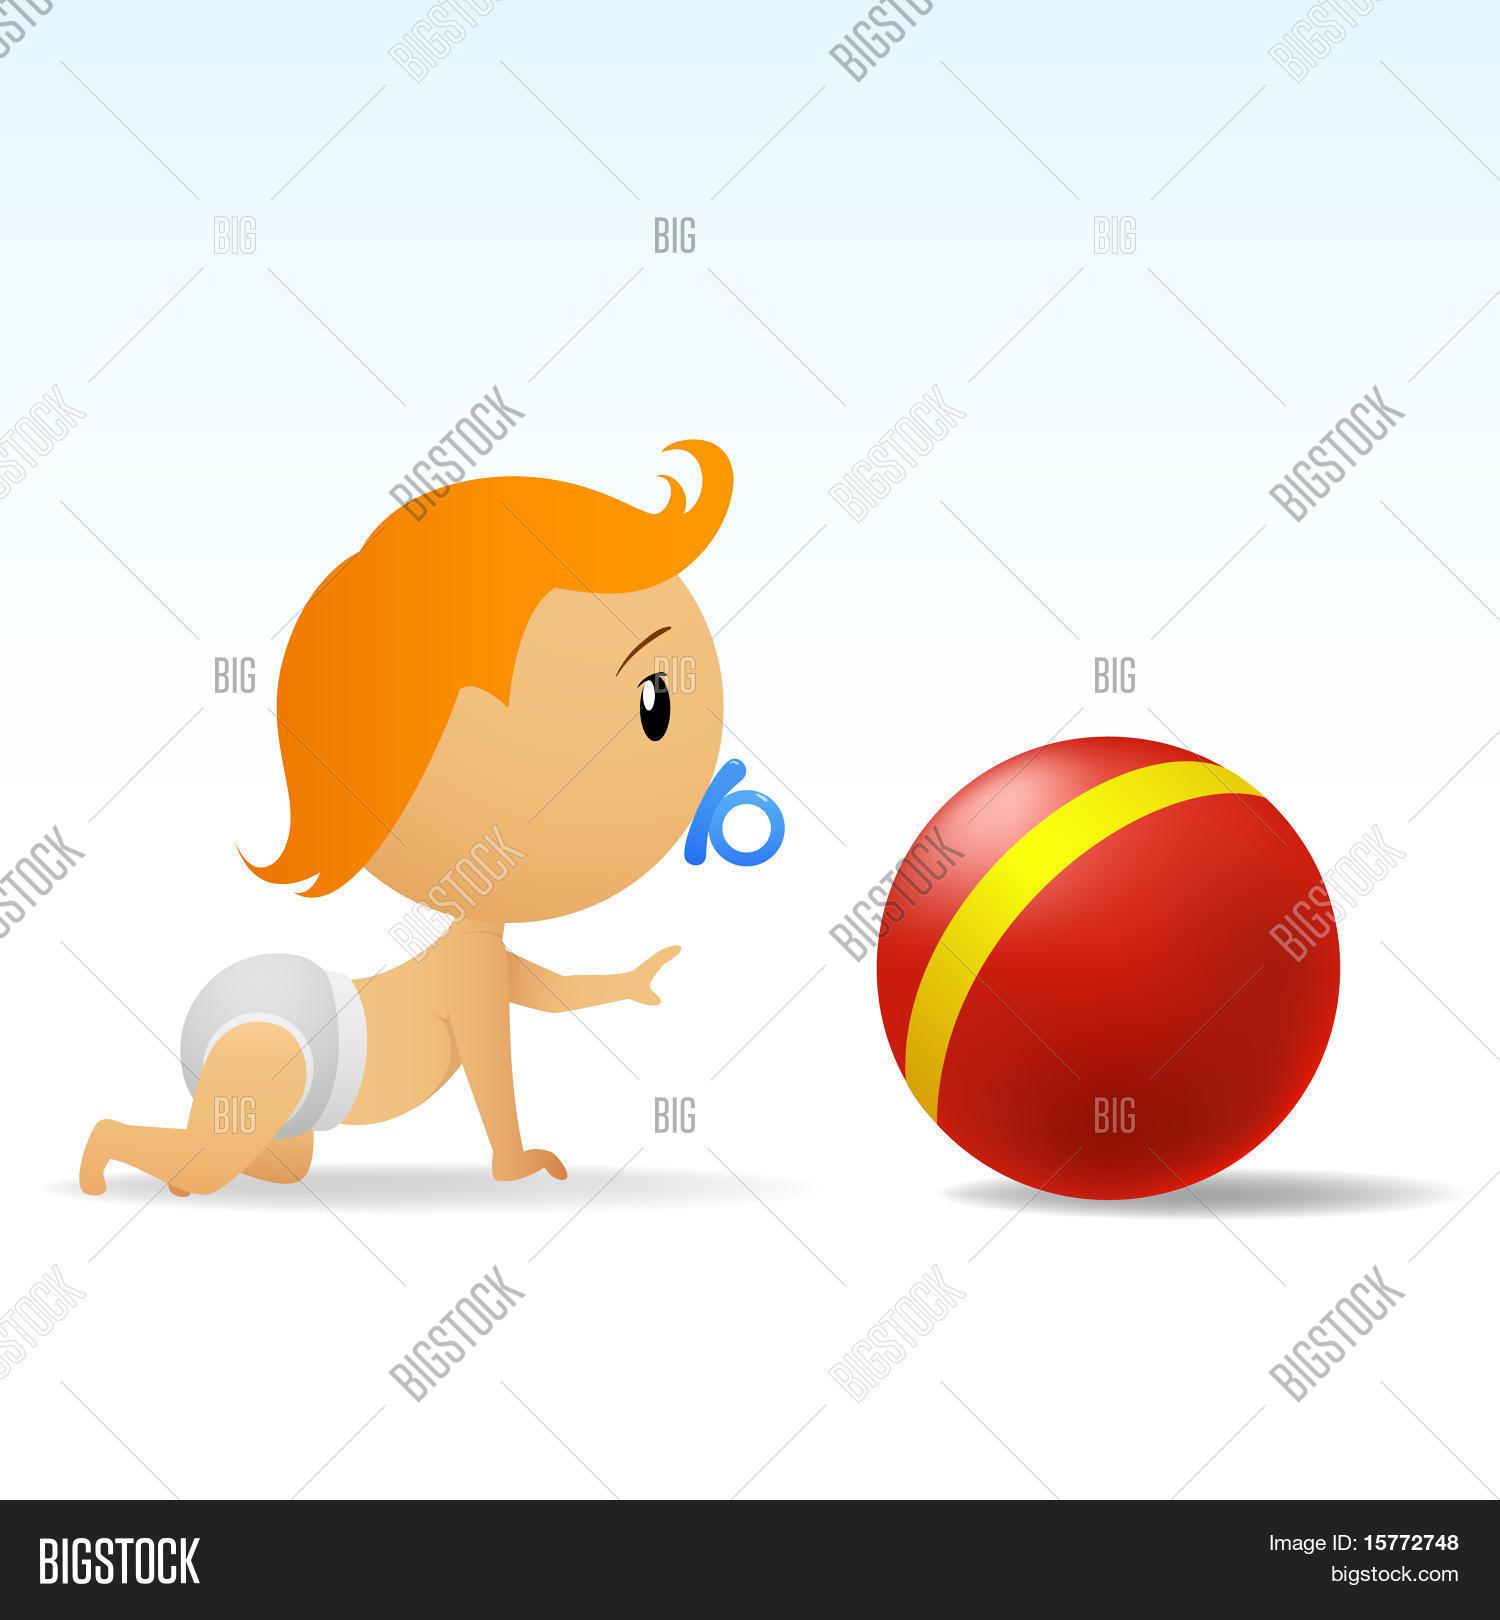 Vectores y fotos en stock de Caricatura lindo bebé gateando a bola ...